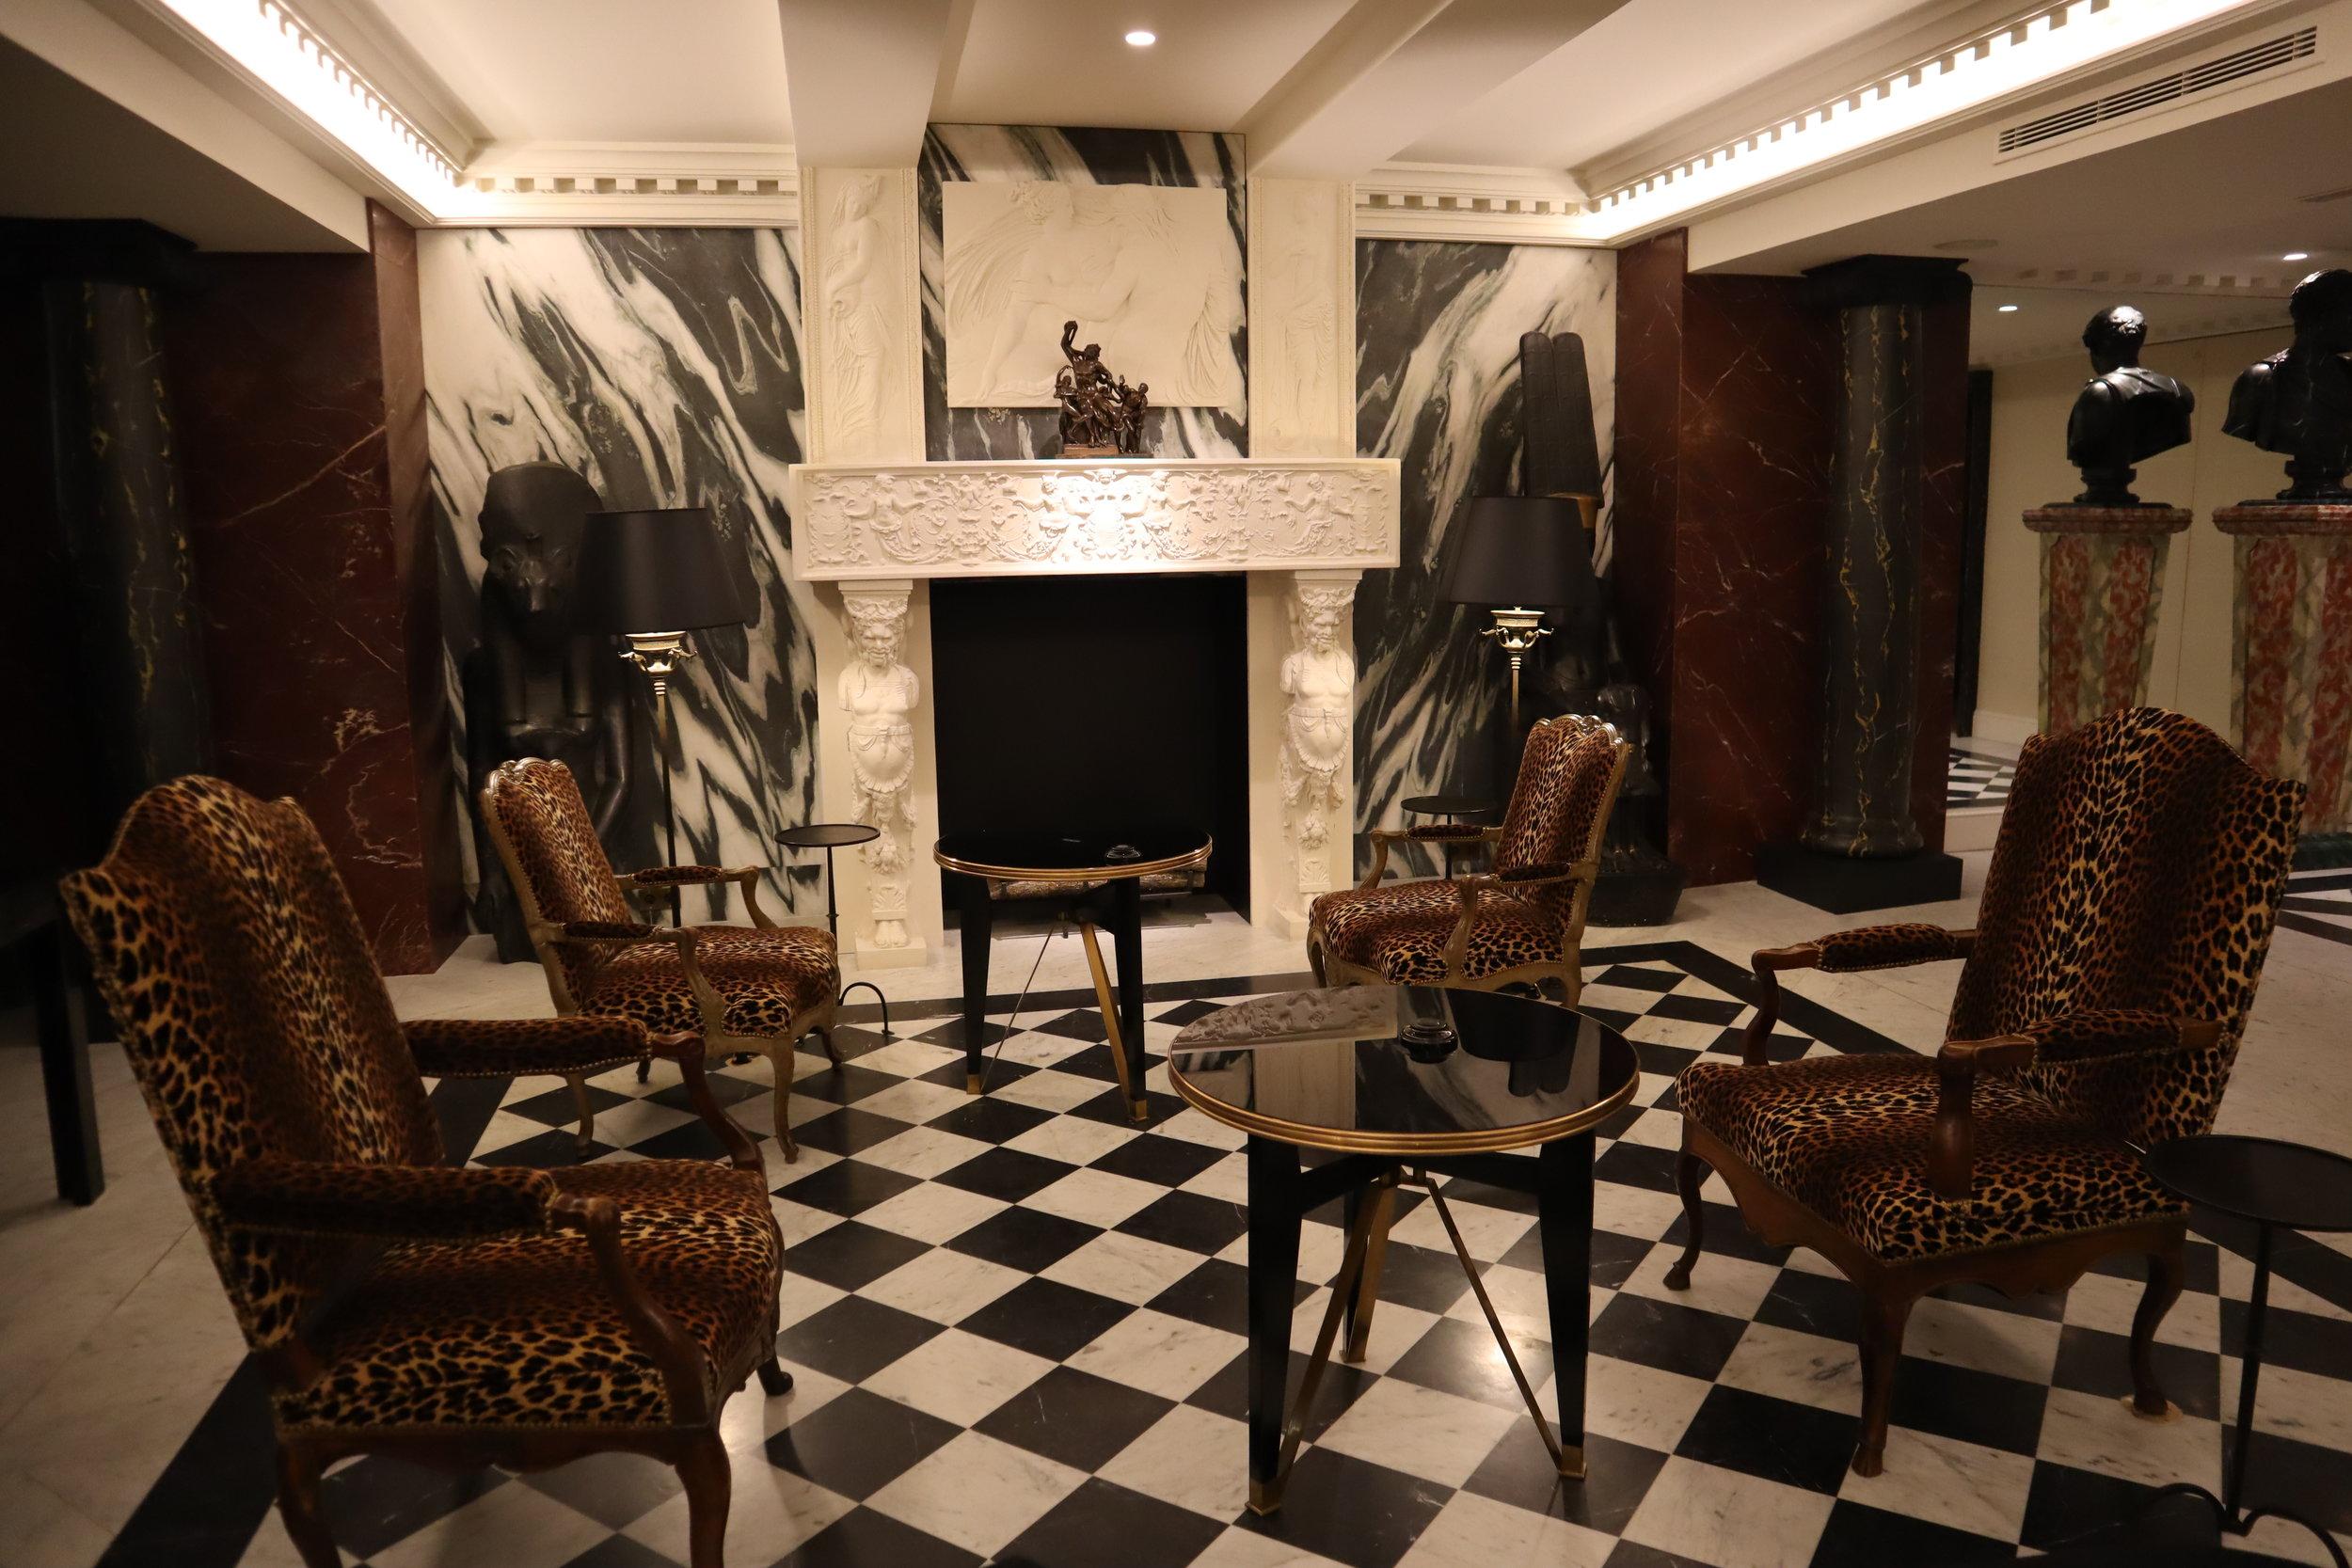 Hôtel de Berri Paris – Lobby lounge